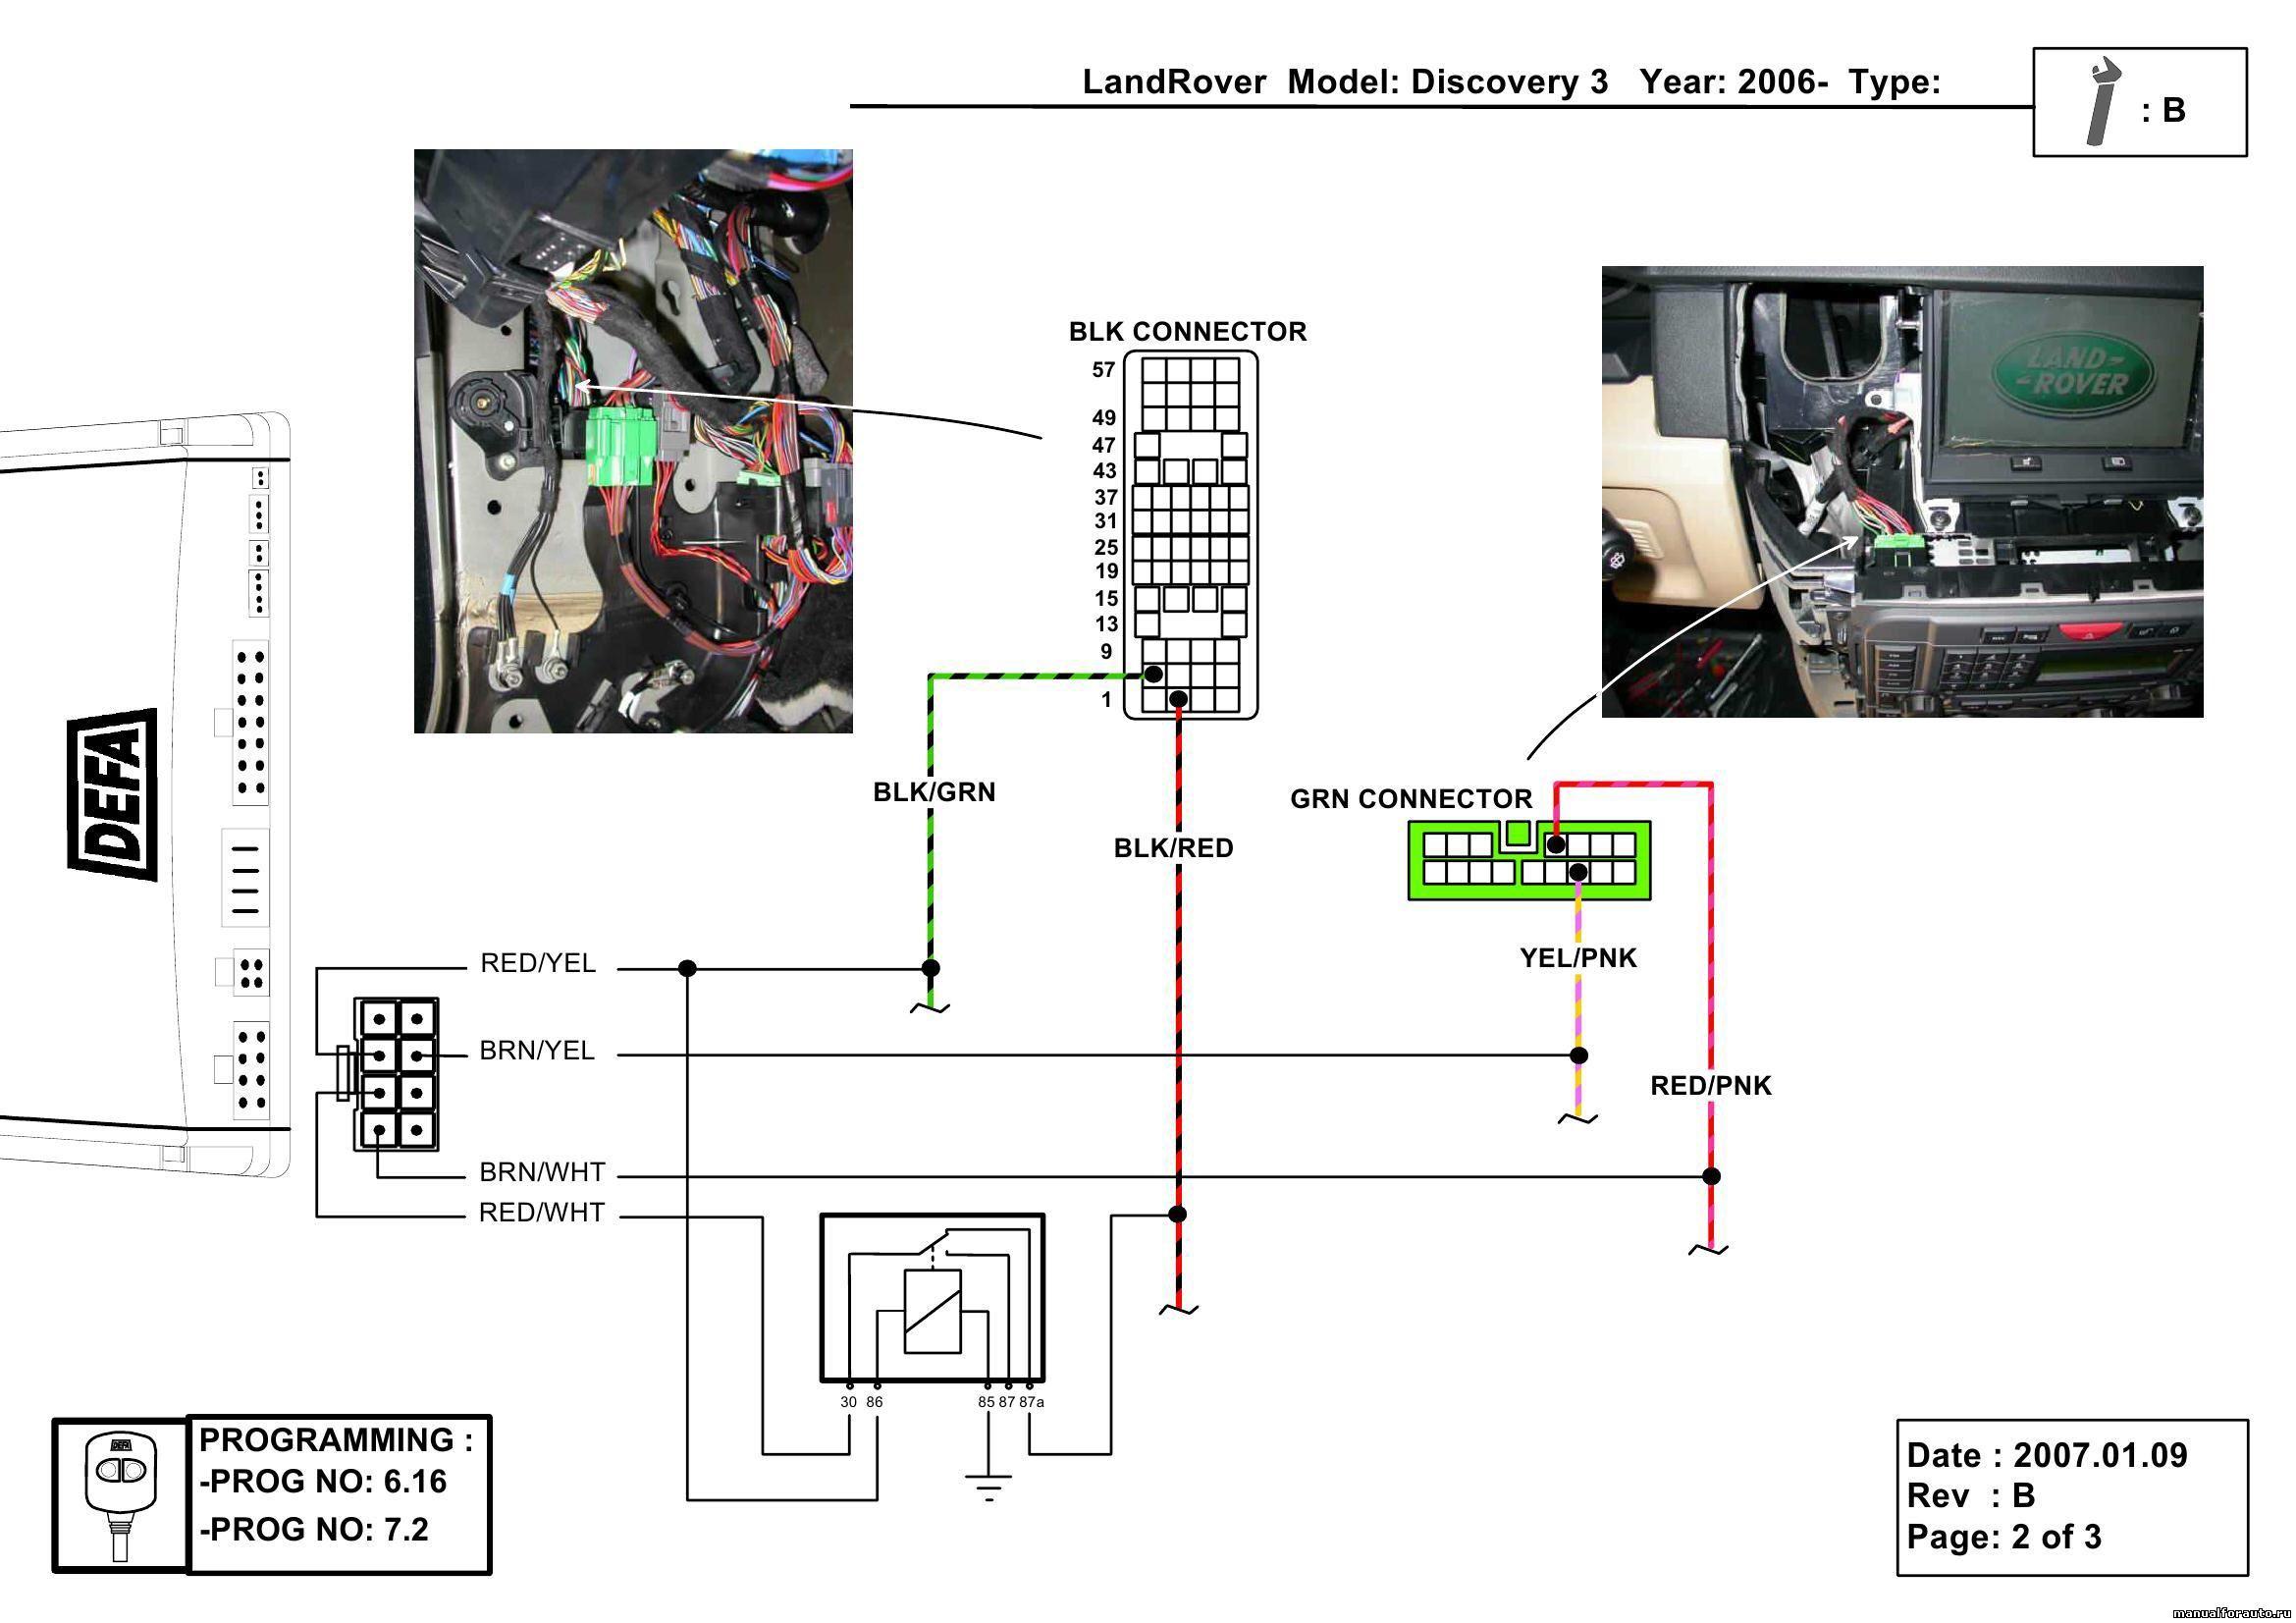 Установка сигнализации Land Rover Discovery 3, точки подключения